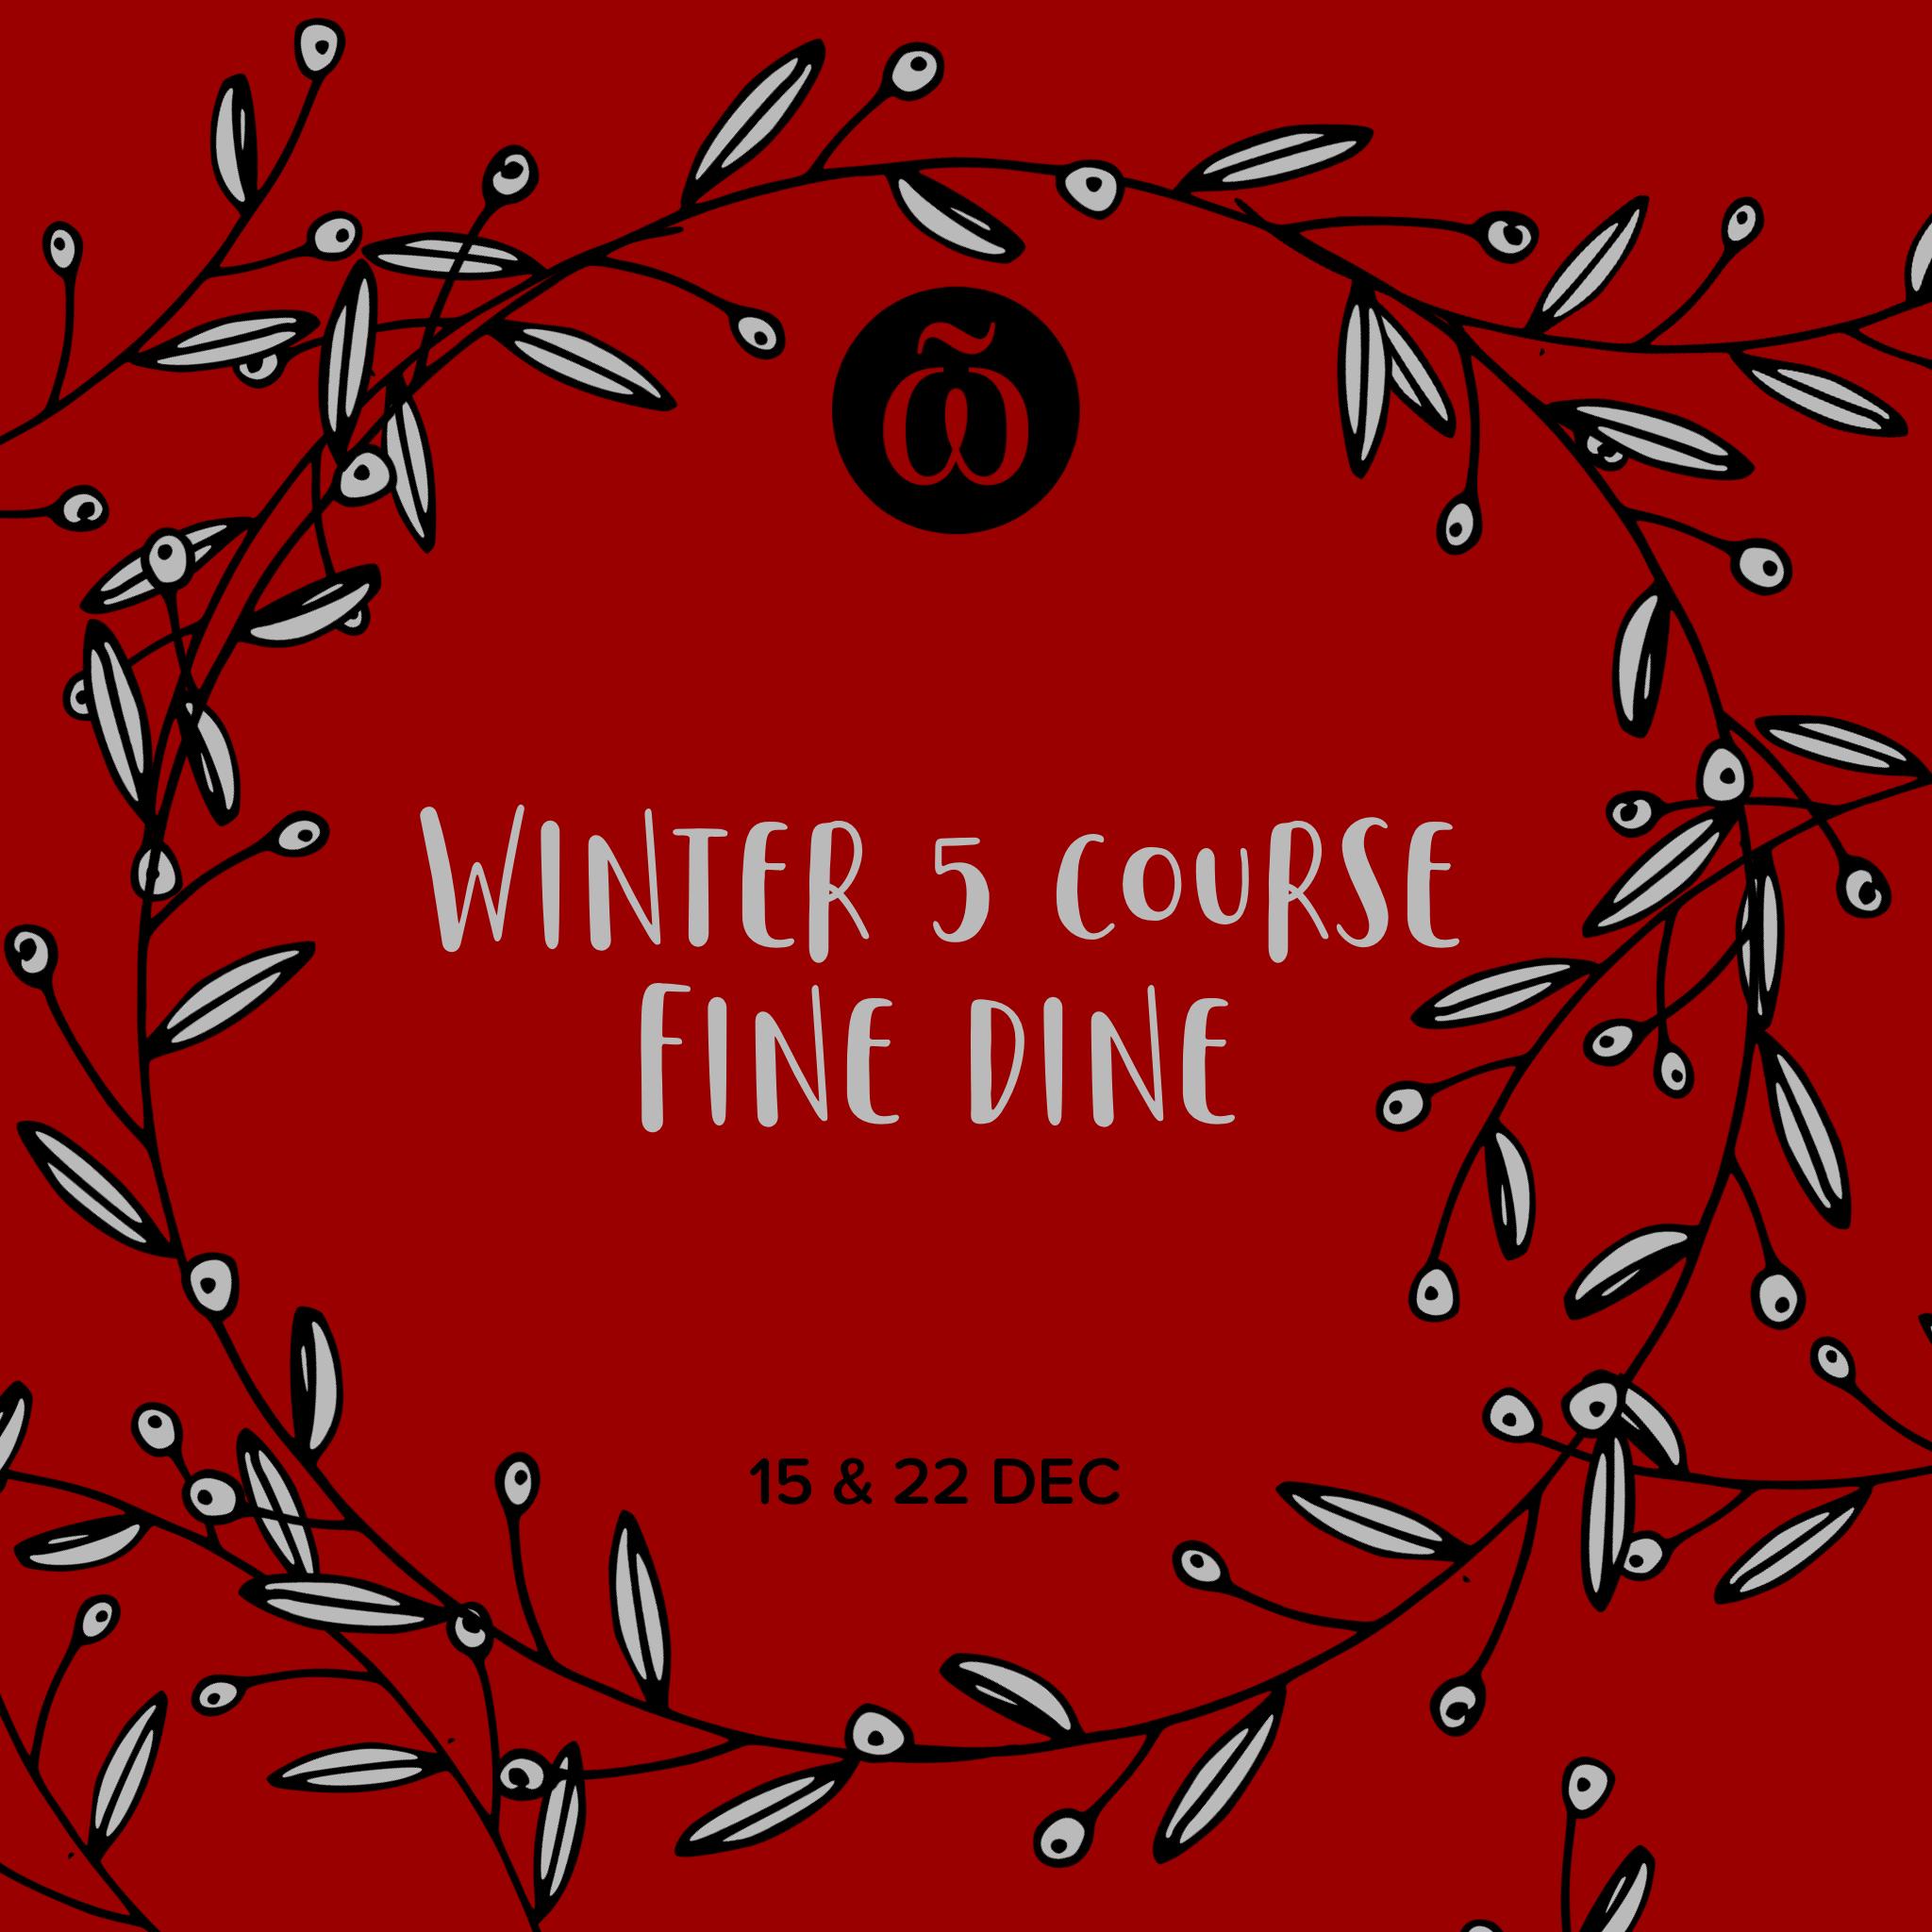 Winter 5 Course Fine Dine Whitaker Museum